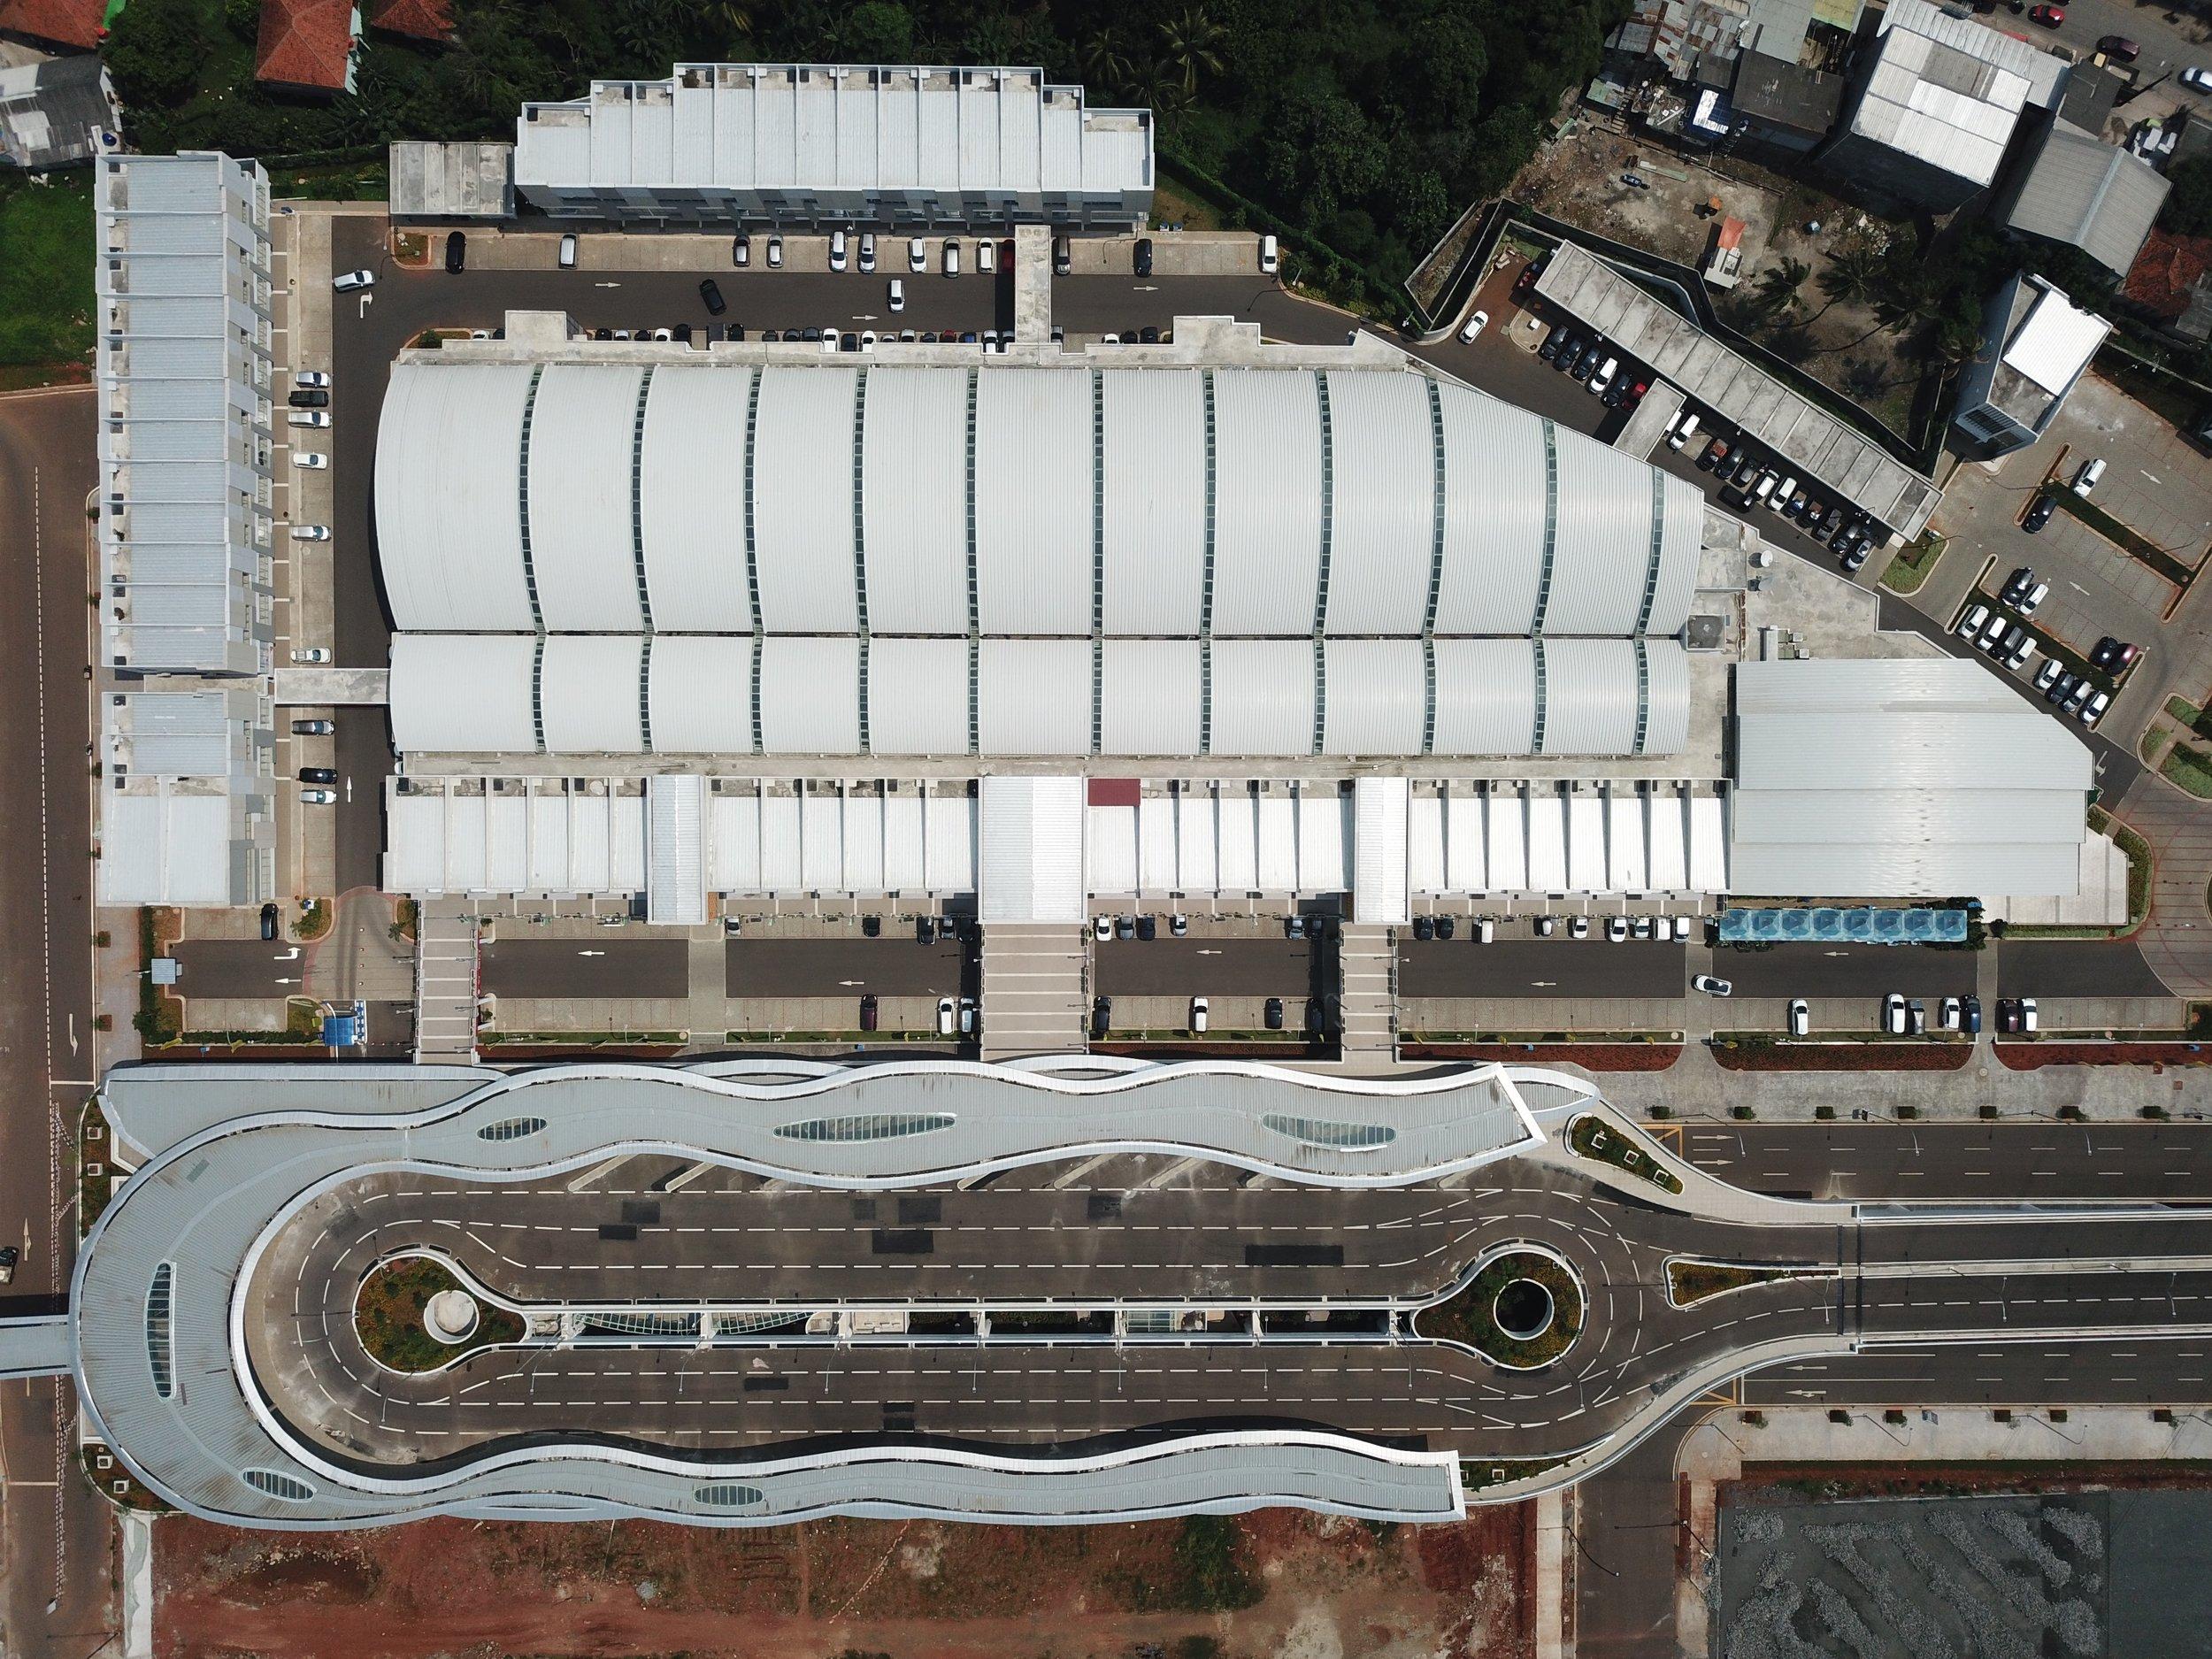 architecture-drone-drone-cam-1087914.jpg